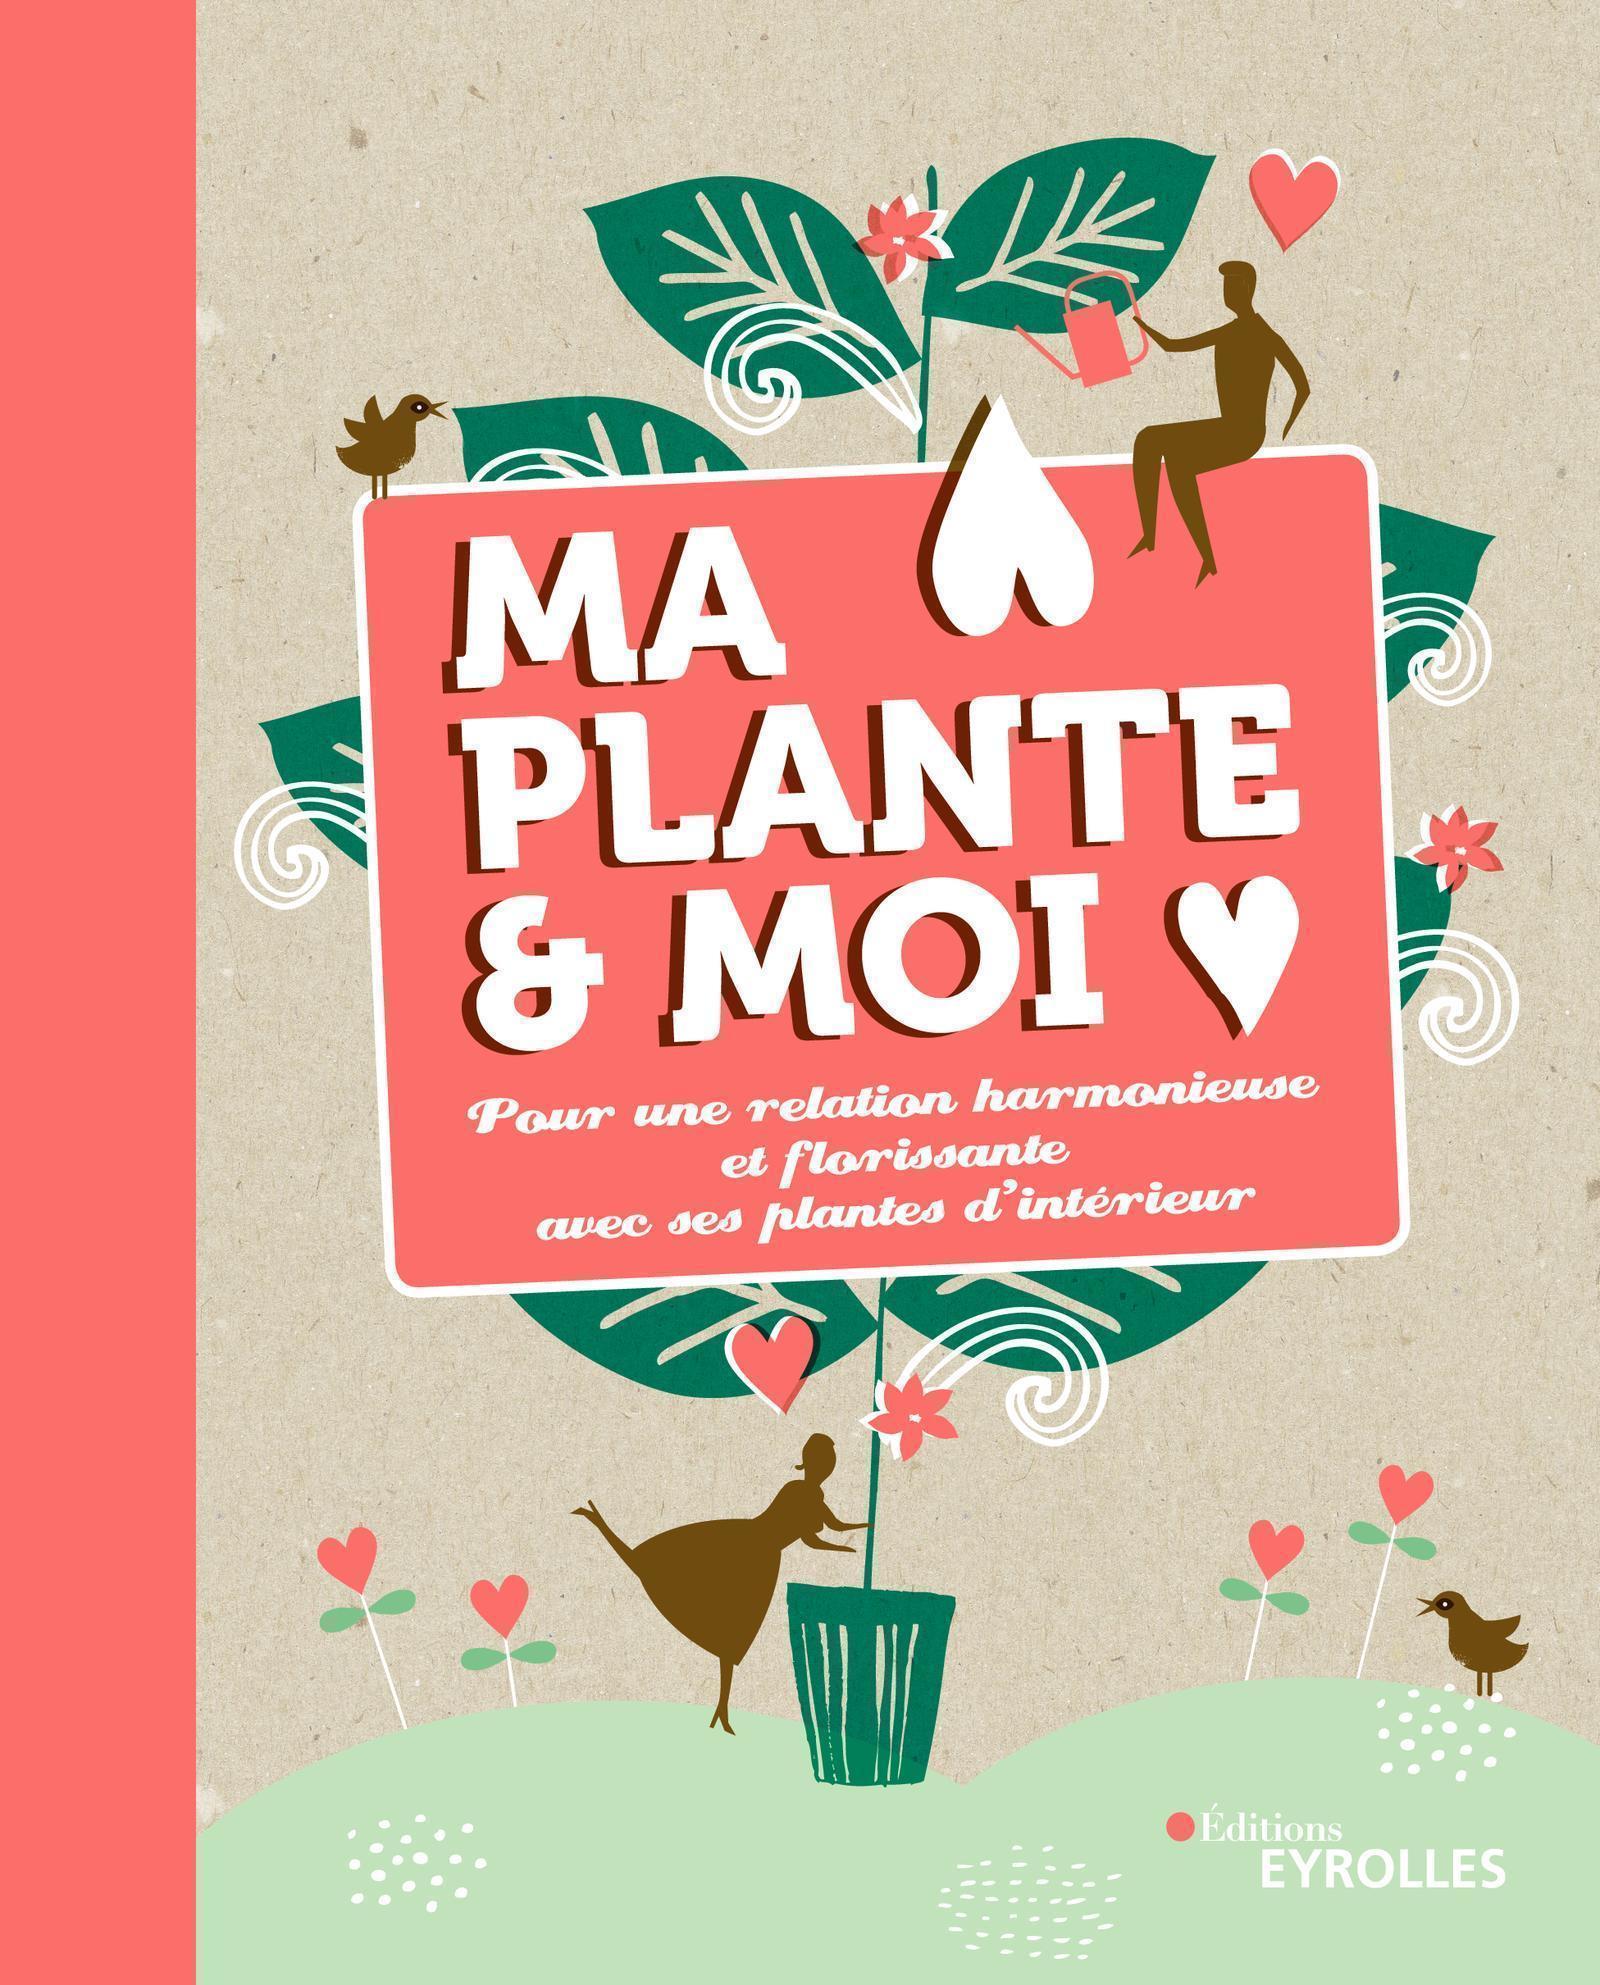 MA PLANTE & MOI - POUR UNE RELATION HARMONIEUSE ET FLORISSANTE AVEC SES PLANTES D'INTERIEUR